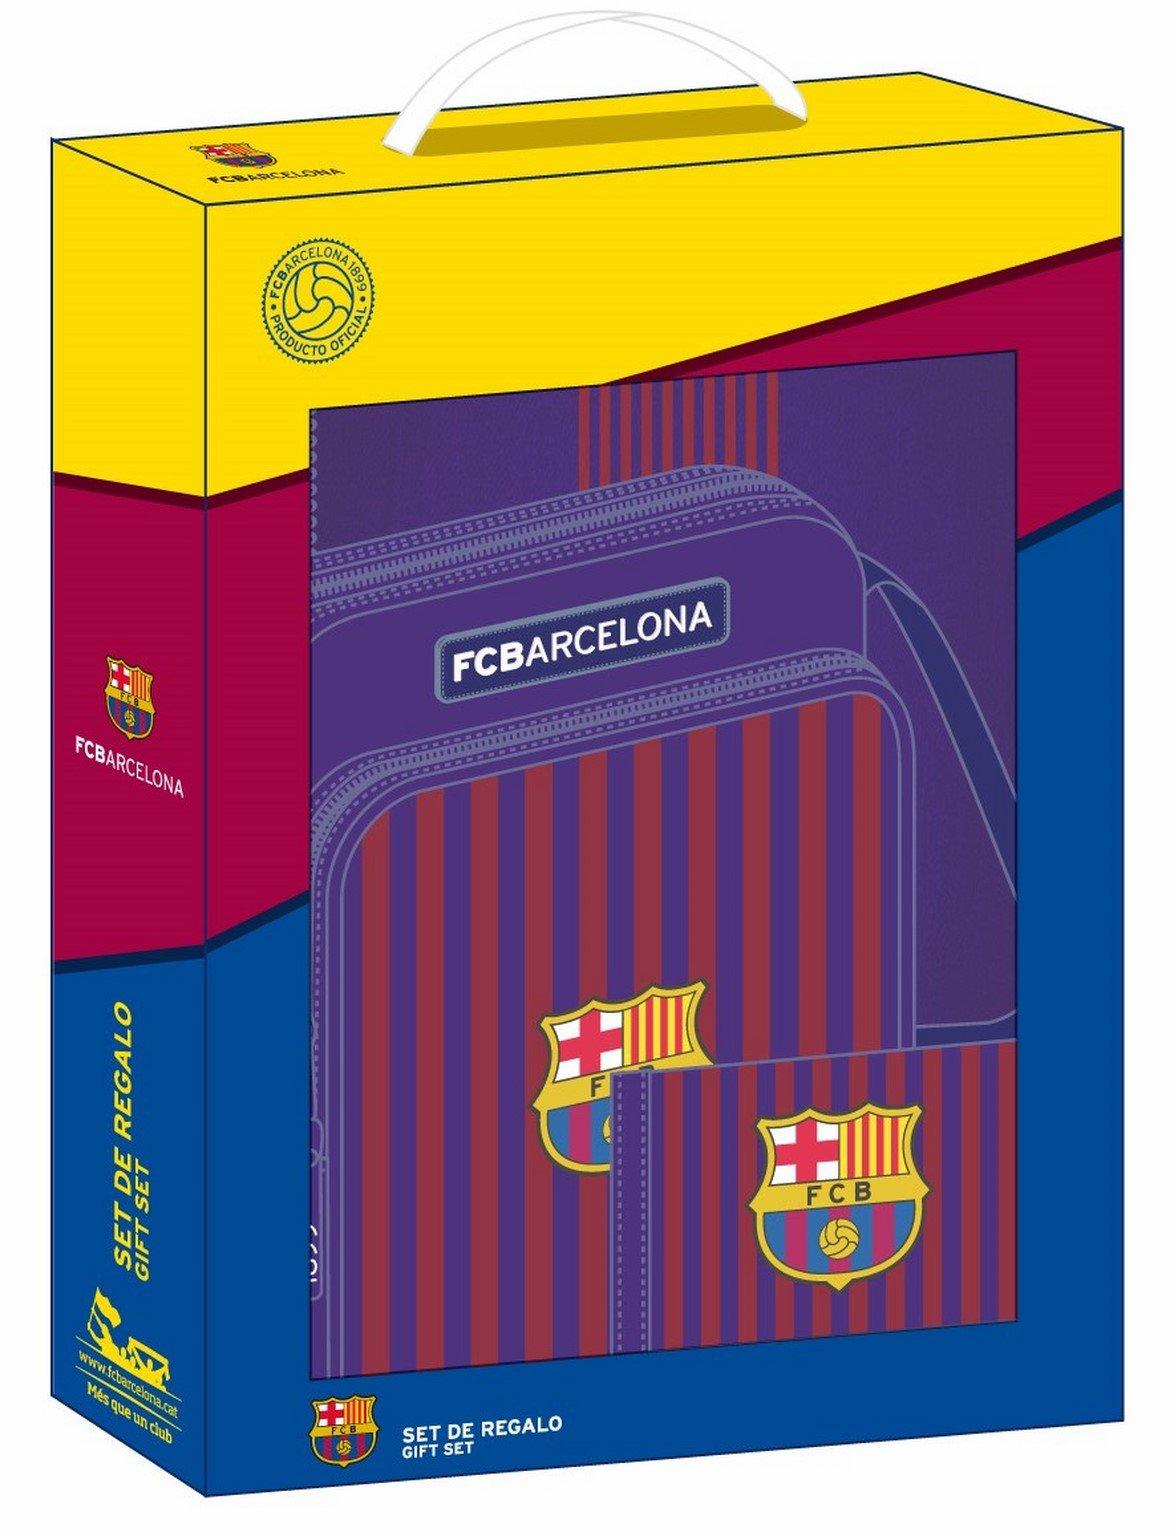 Safta F.C Set de Regalo, FC Barcelona Azul, 28 x 35 x 60 cm